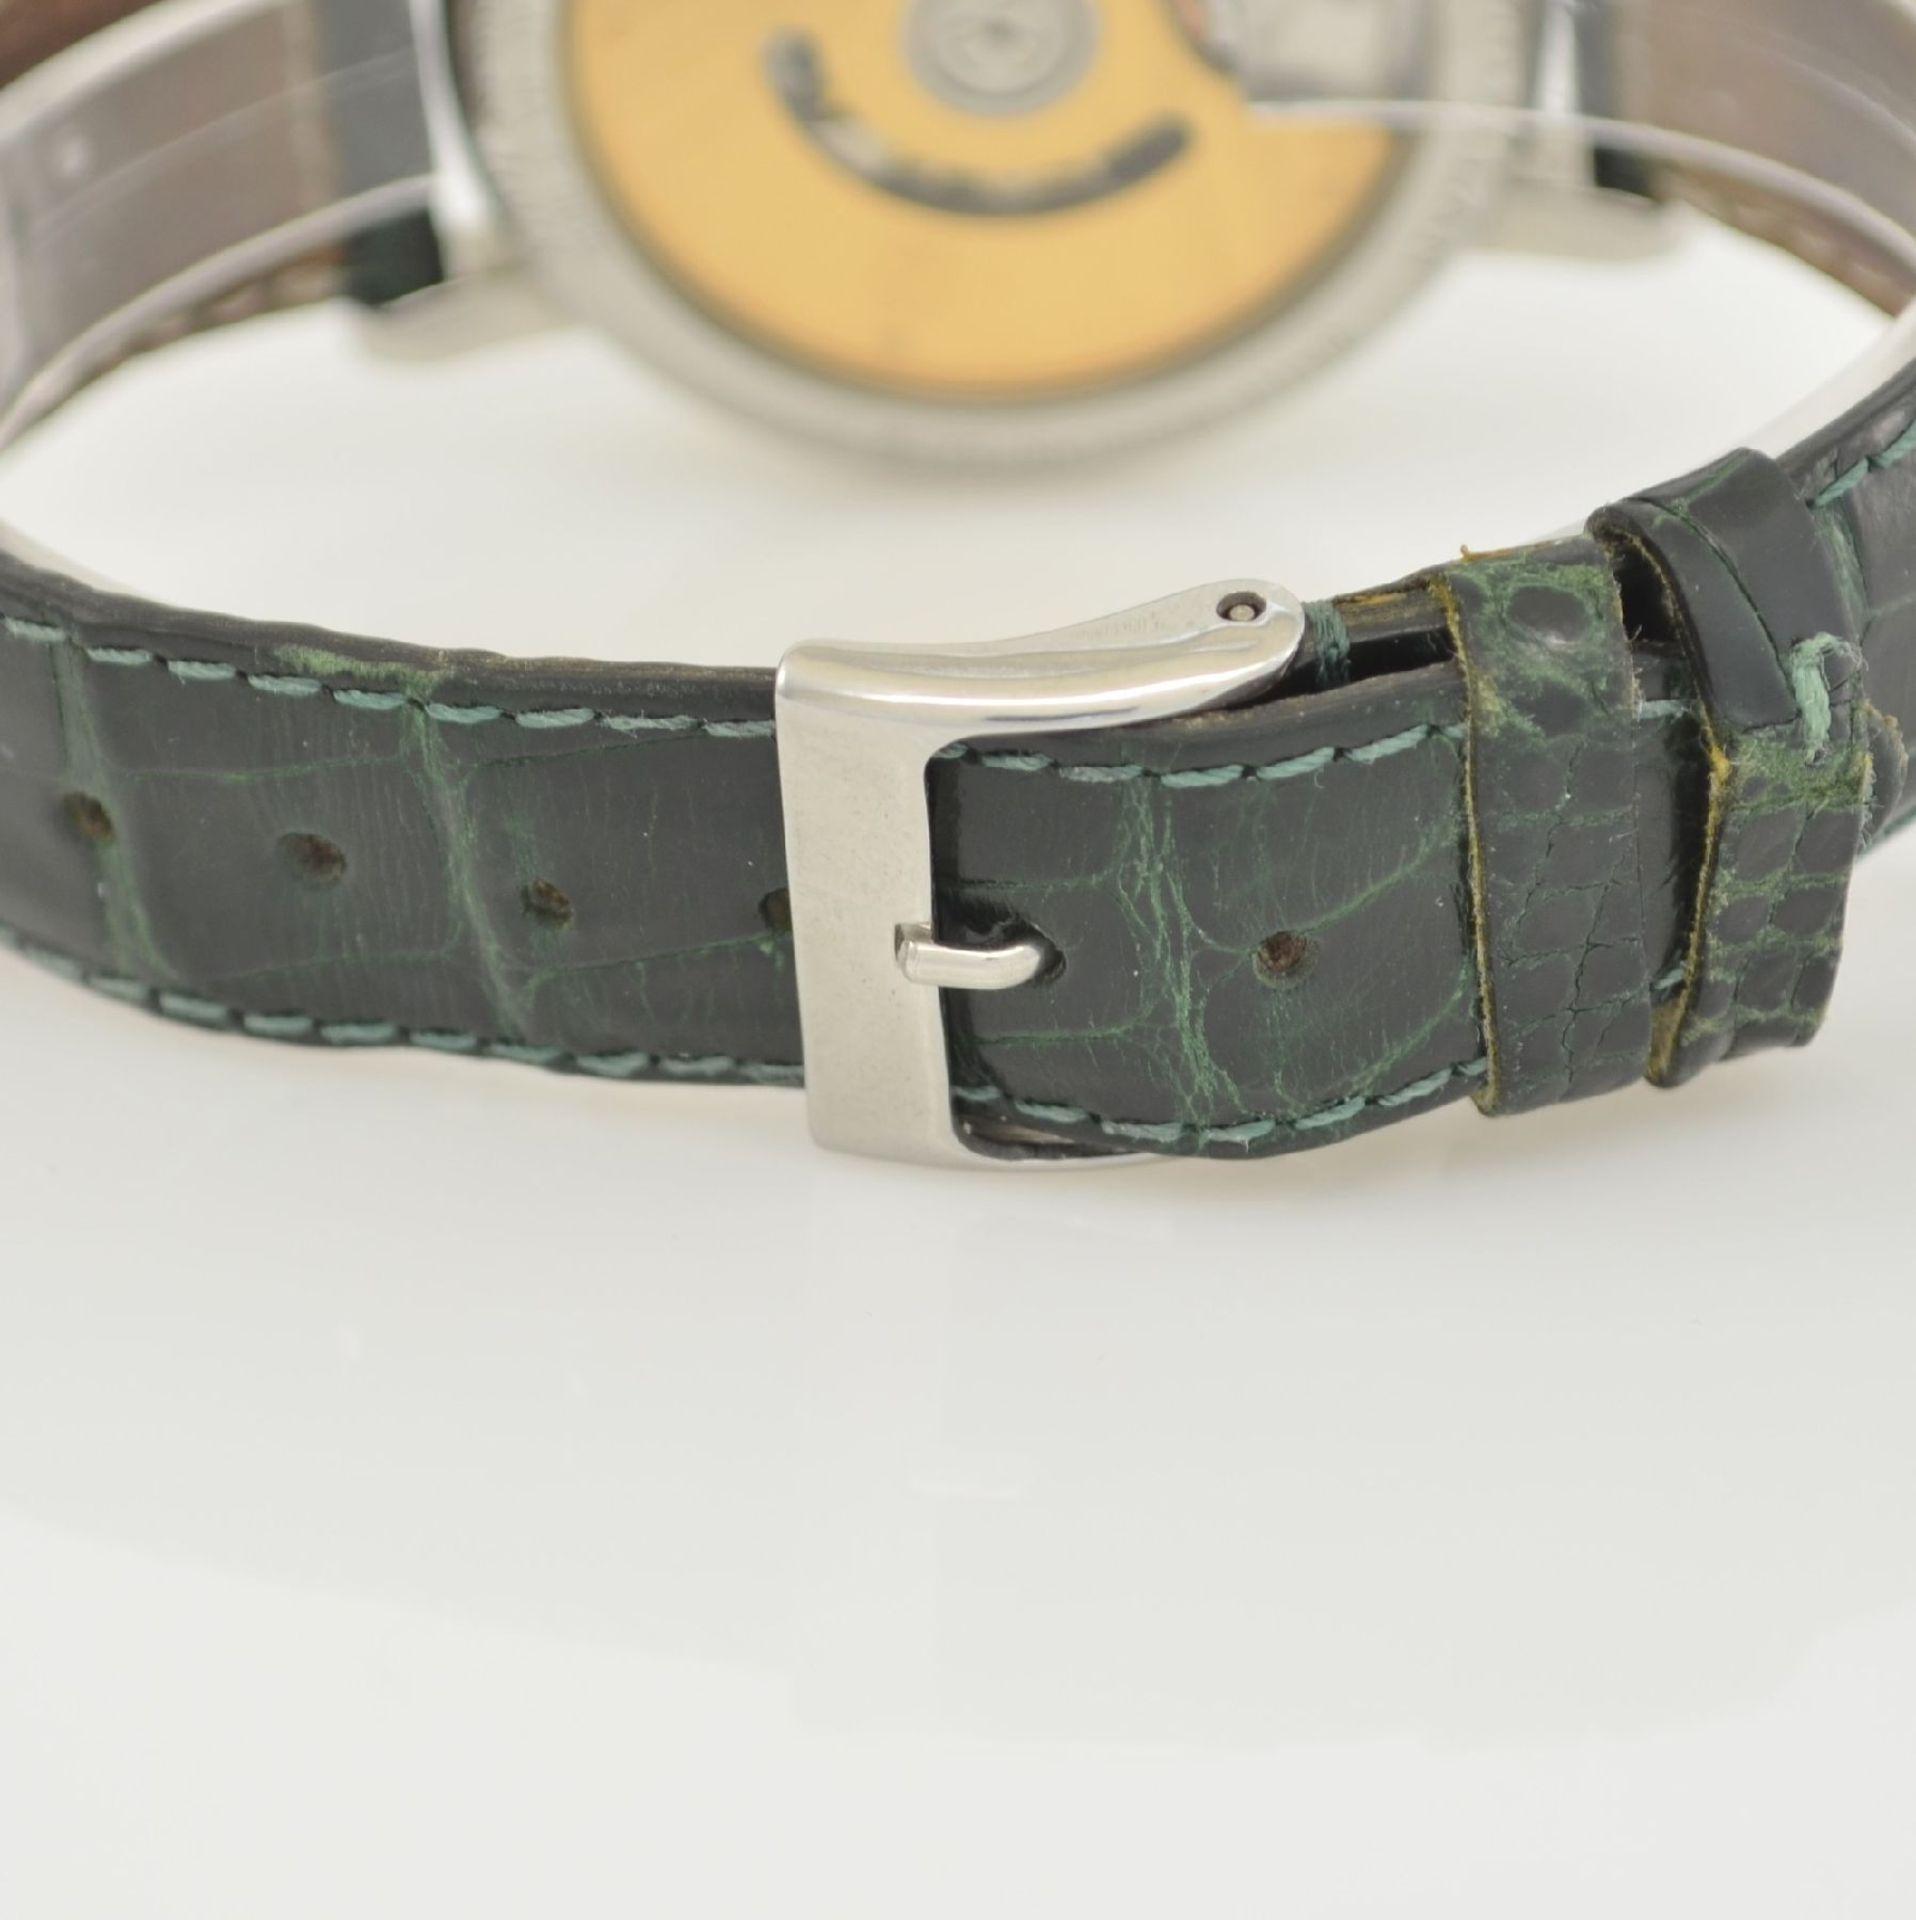 CLAUDE MEYLAN Herrenarmbanduhr mit Chronograph, Schweiz um 1995, Edelstahl/Gold kombiniert, beids. - Bild 5 aus 6